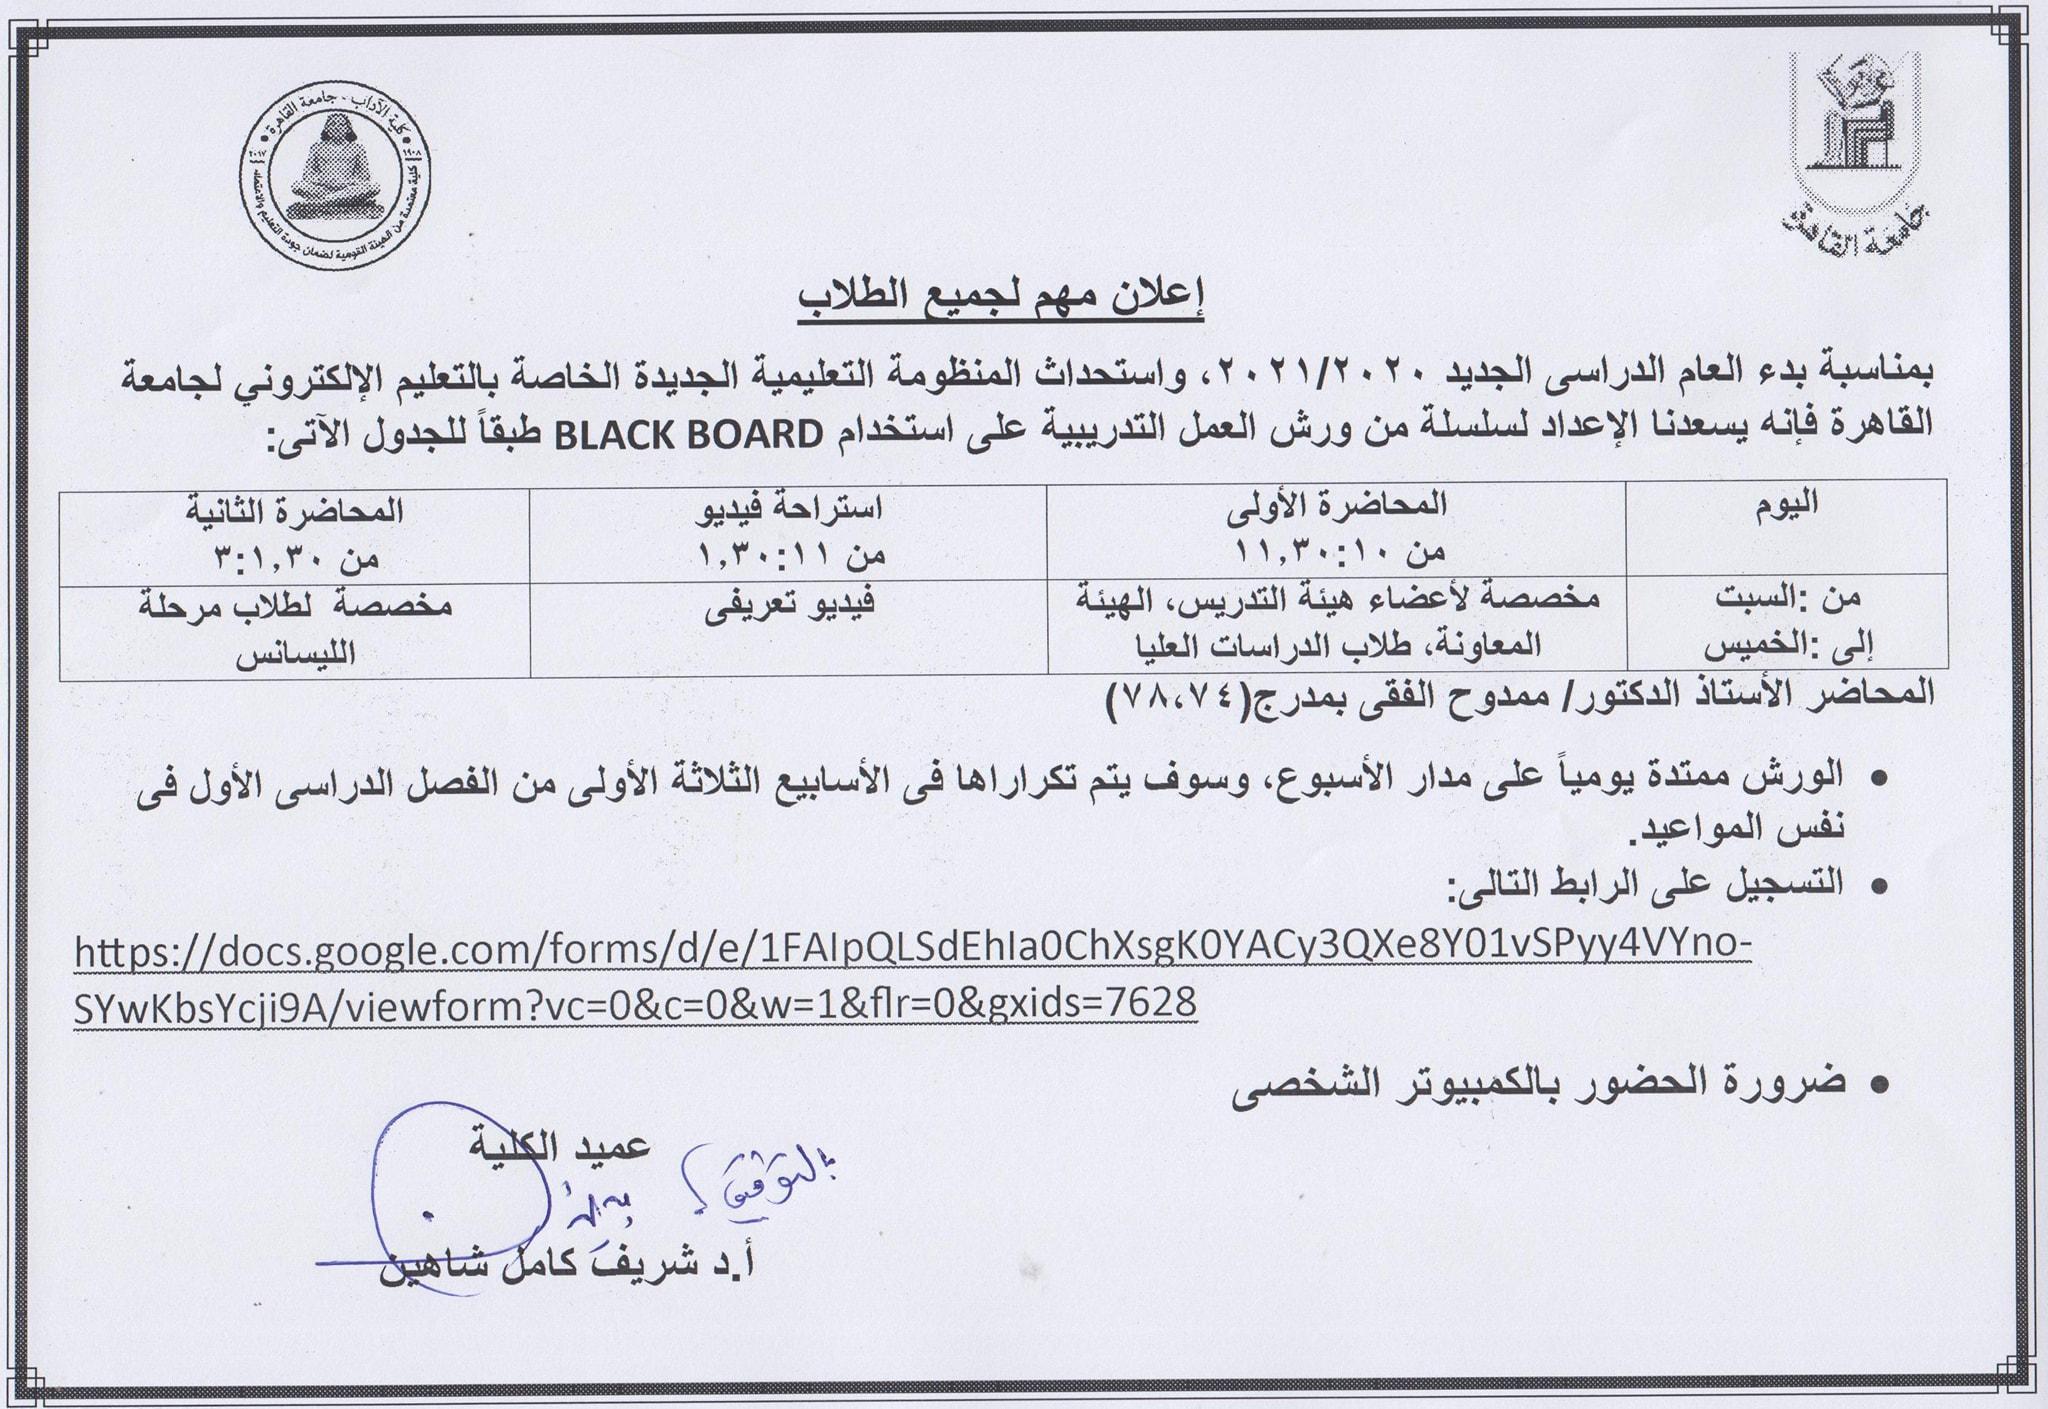 آداب القاهرة تعقد ورش عمل تدريبية لاستخدام بلاك بورد